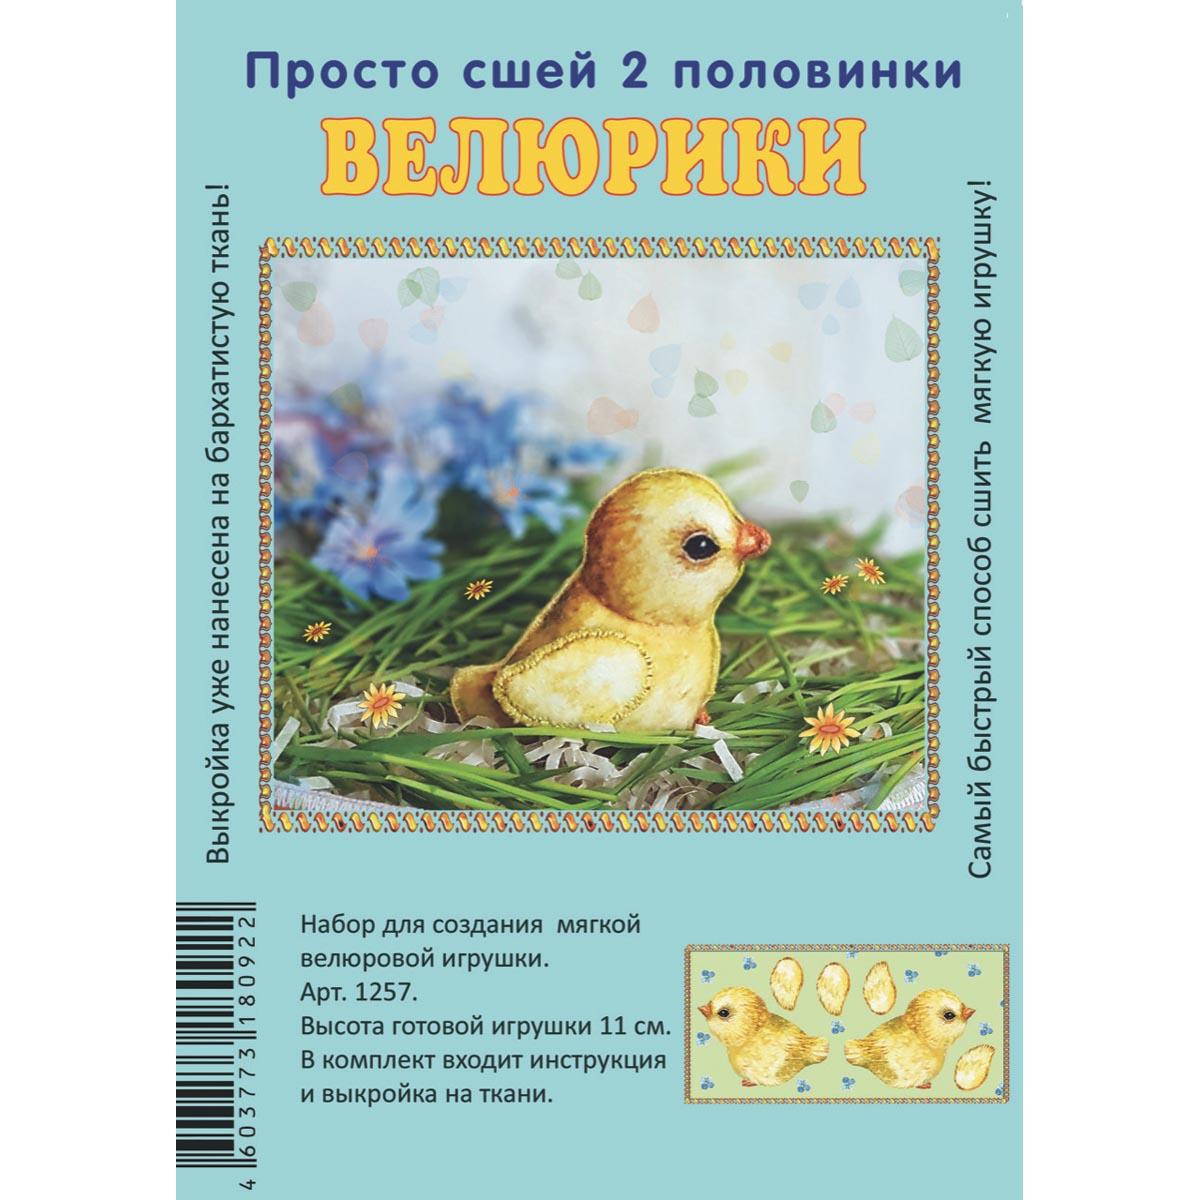 1257 Набор для творчества Велюрики 'Цыпленок Гриша'11см